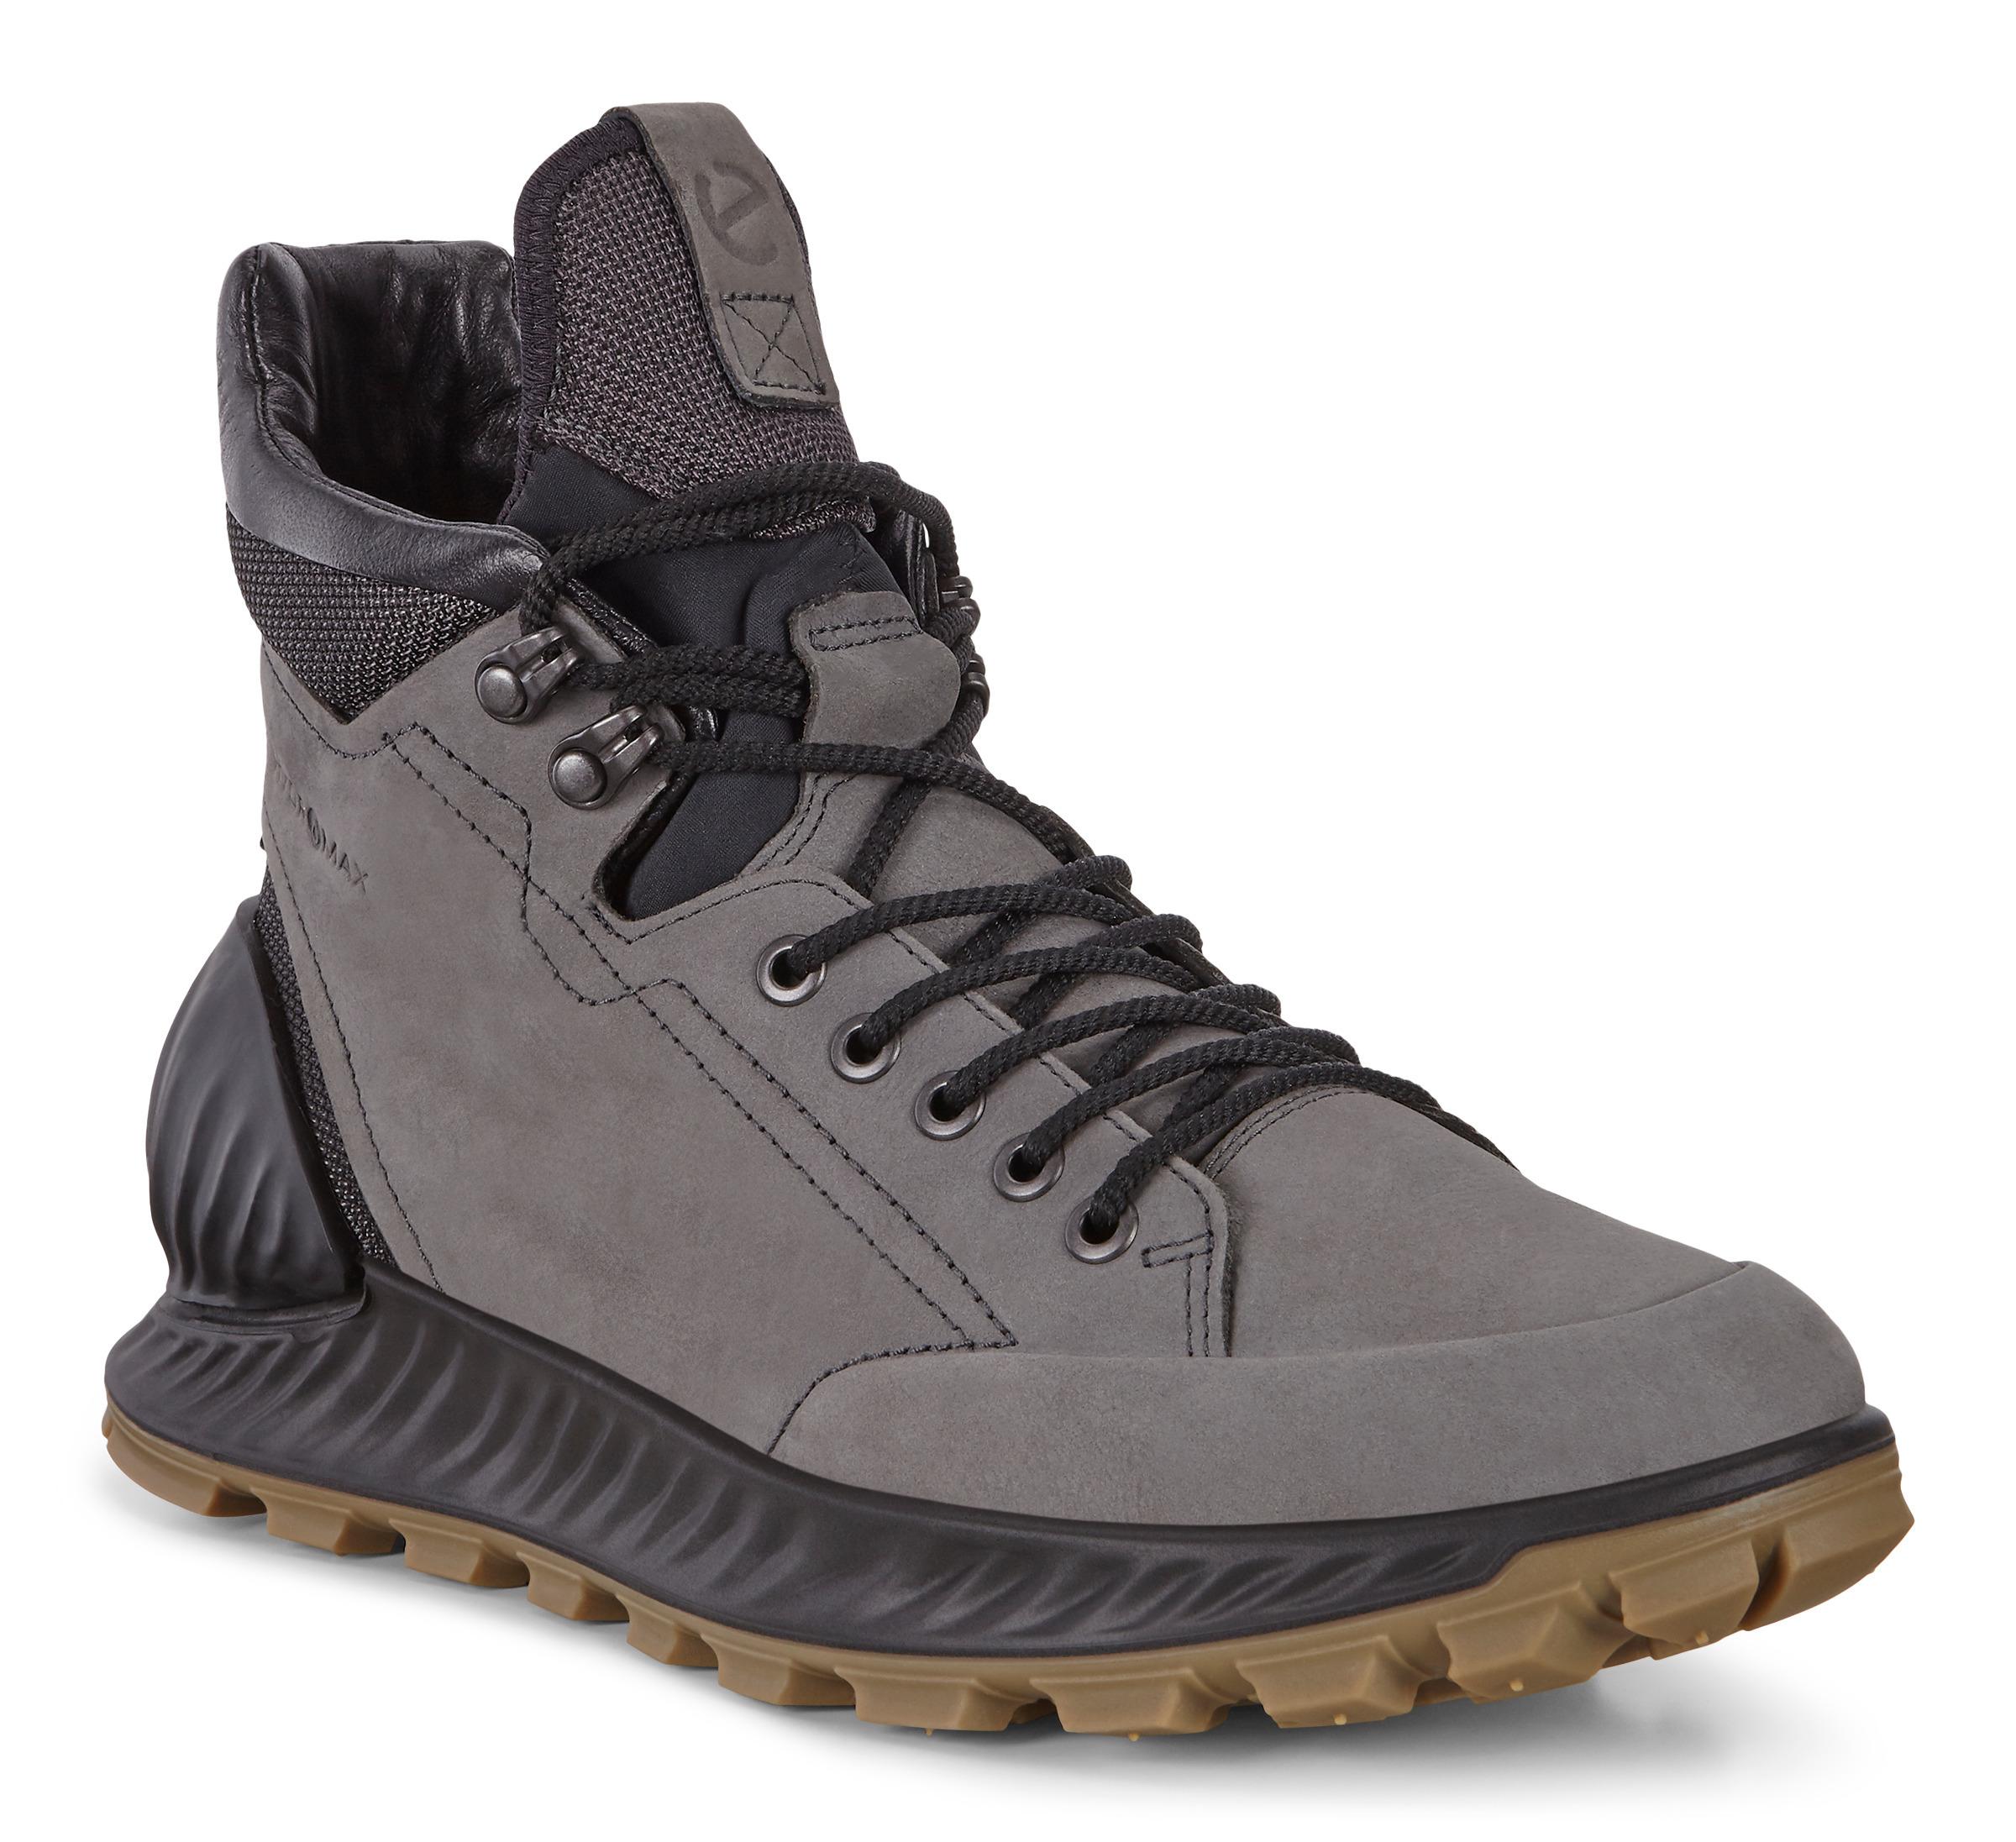 Ecco ULTERRA Damen Trekking & Wanderhalbschuhe: Schuhe